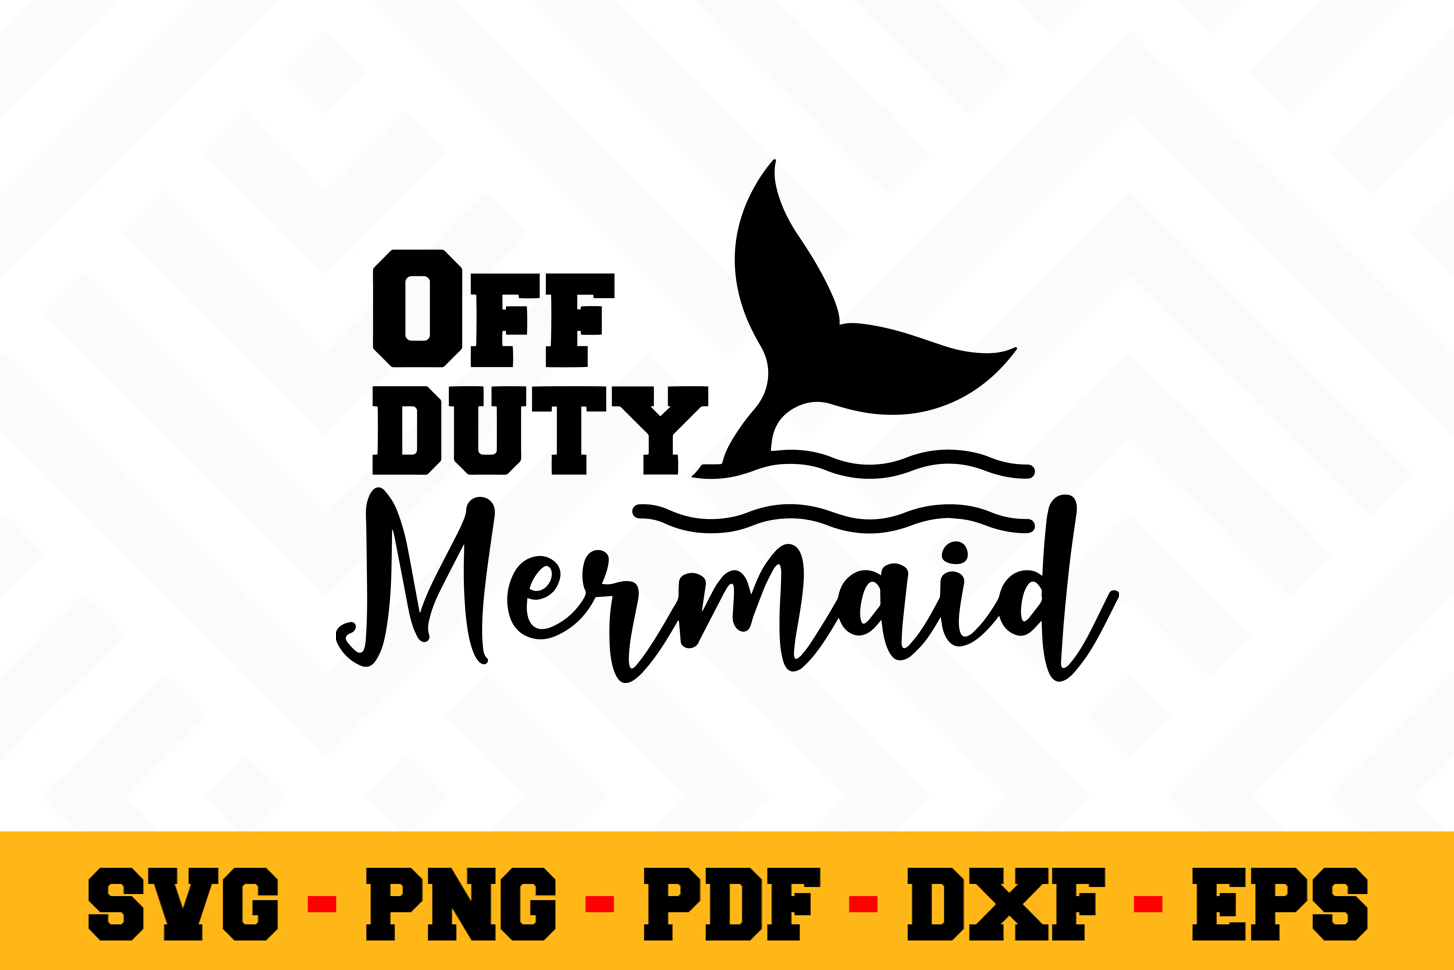 Mermaid SVG Design n523 | Mermaid SVG Cut File example image 1